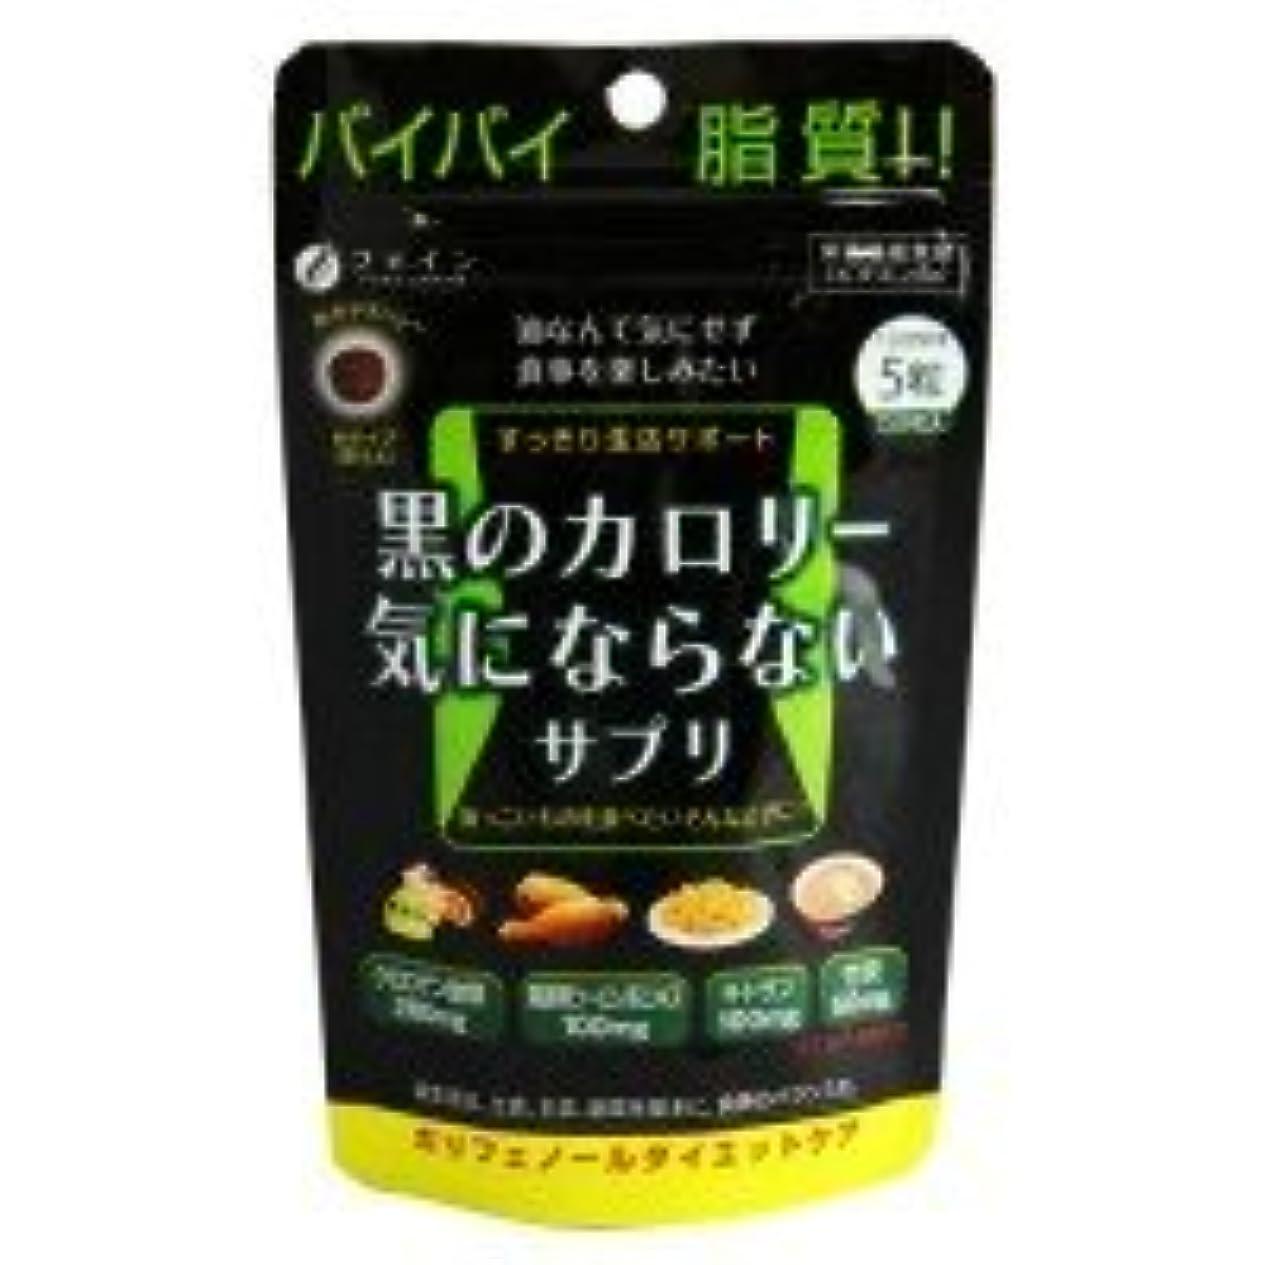 キャラクター意識電卓ファイン 黒のカロリー気にならない 栄養機能食品(ビタミンB6) 30g(200mg×150粒)